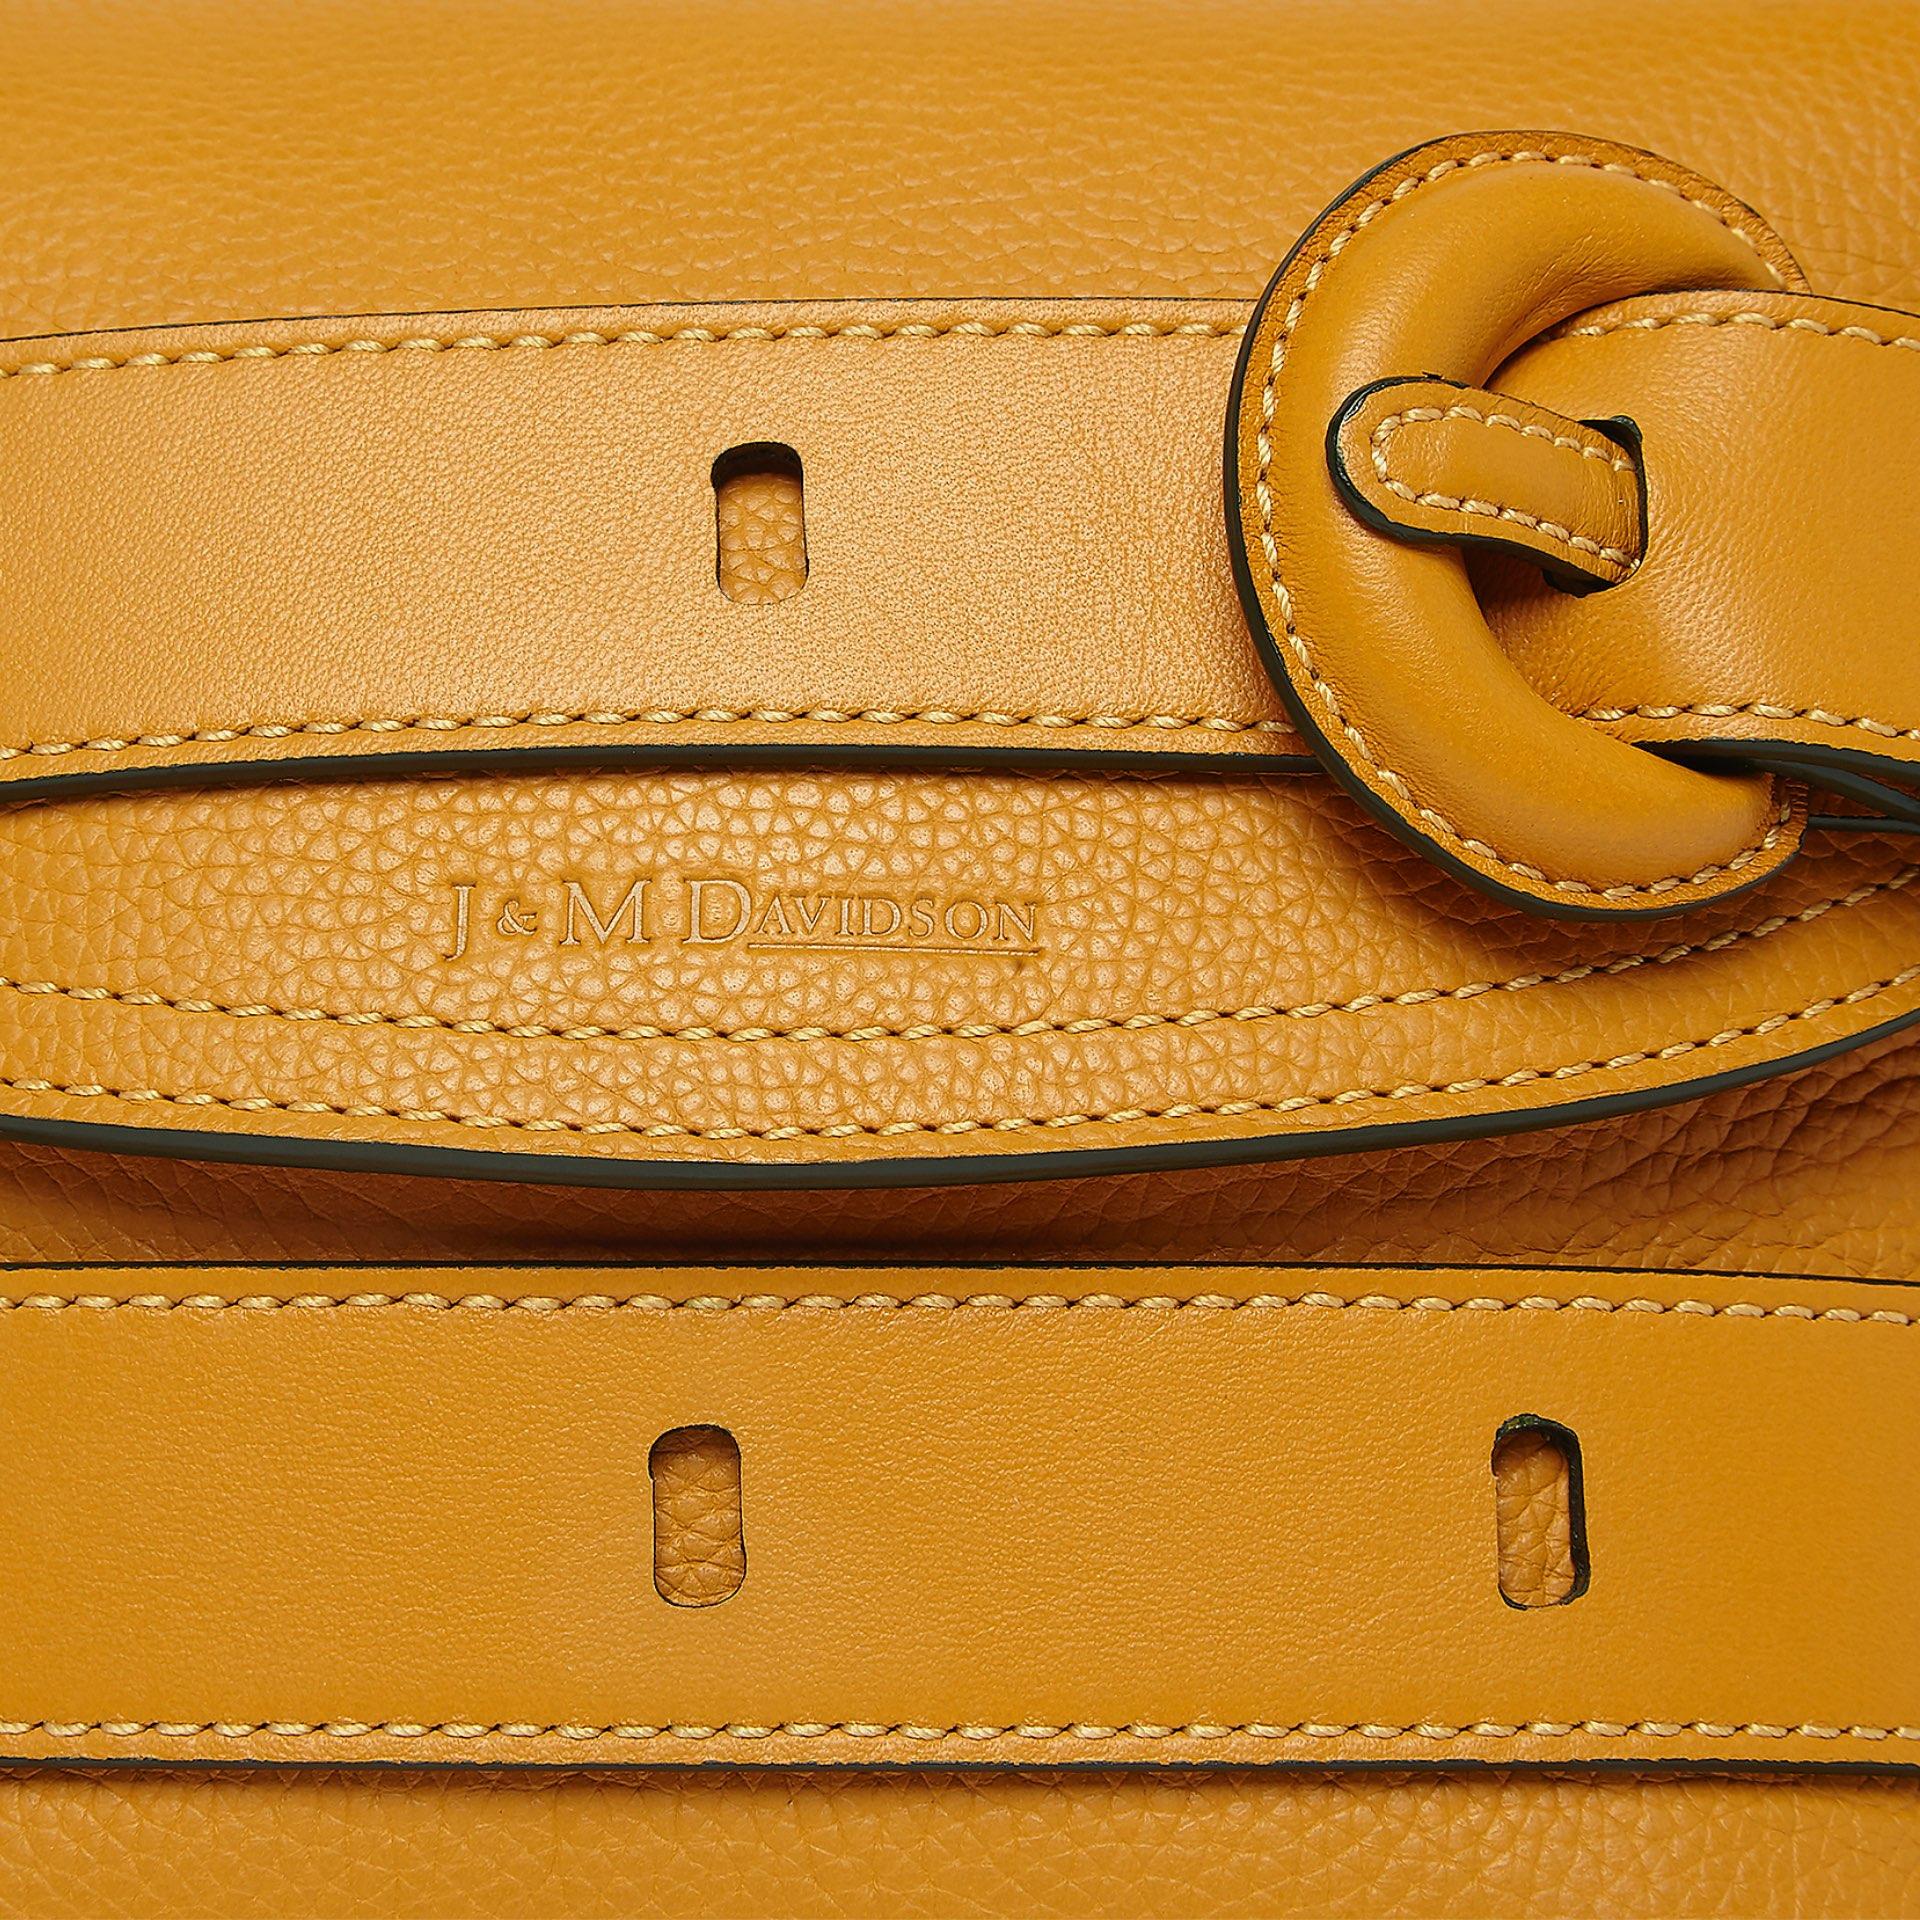 close up shot of J&M mustard yellow small handbag